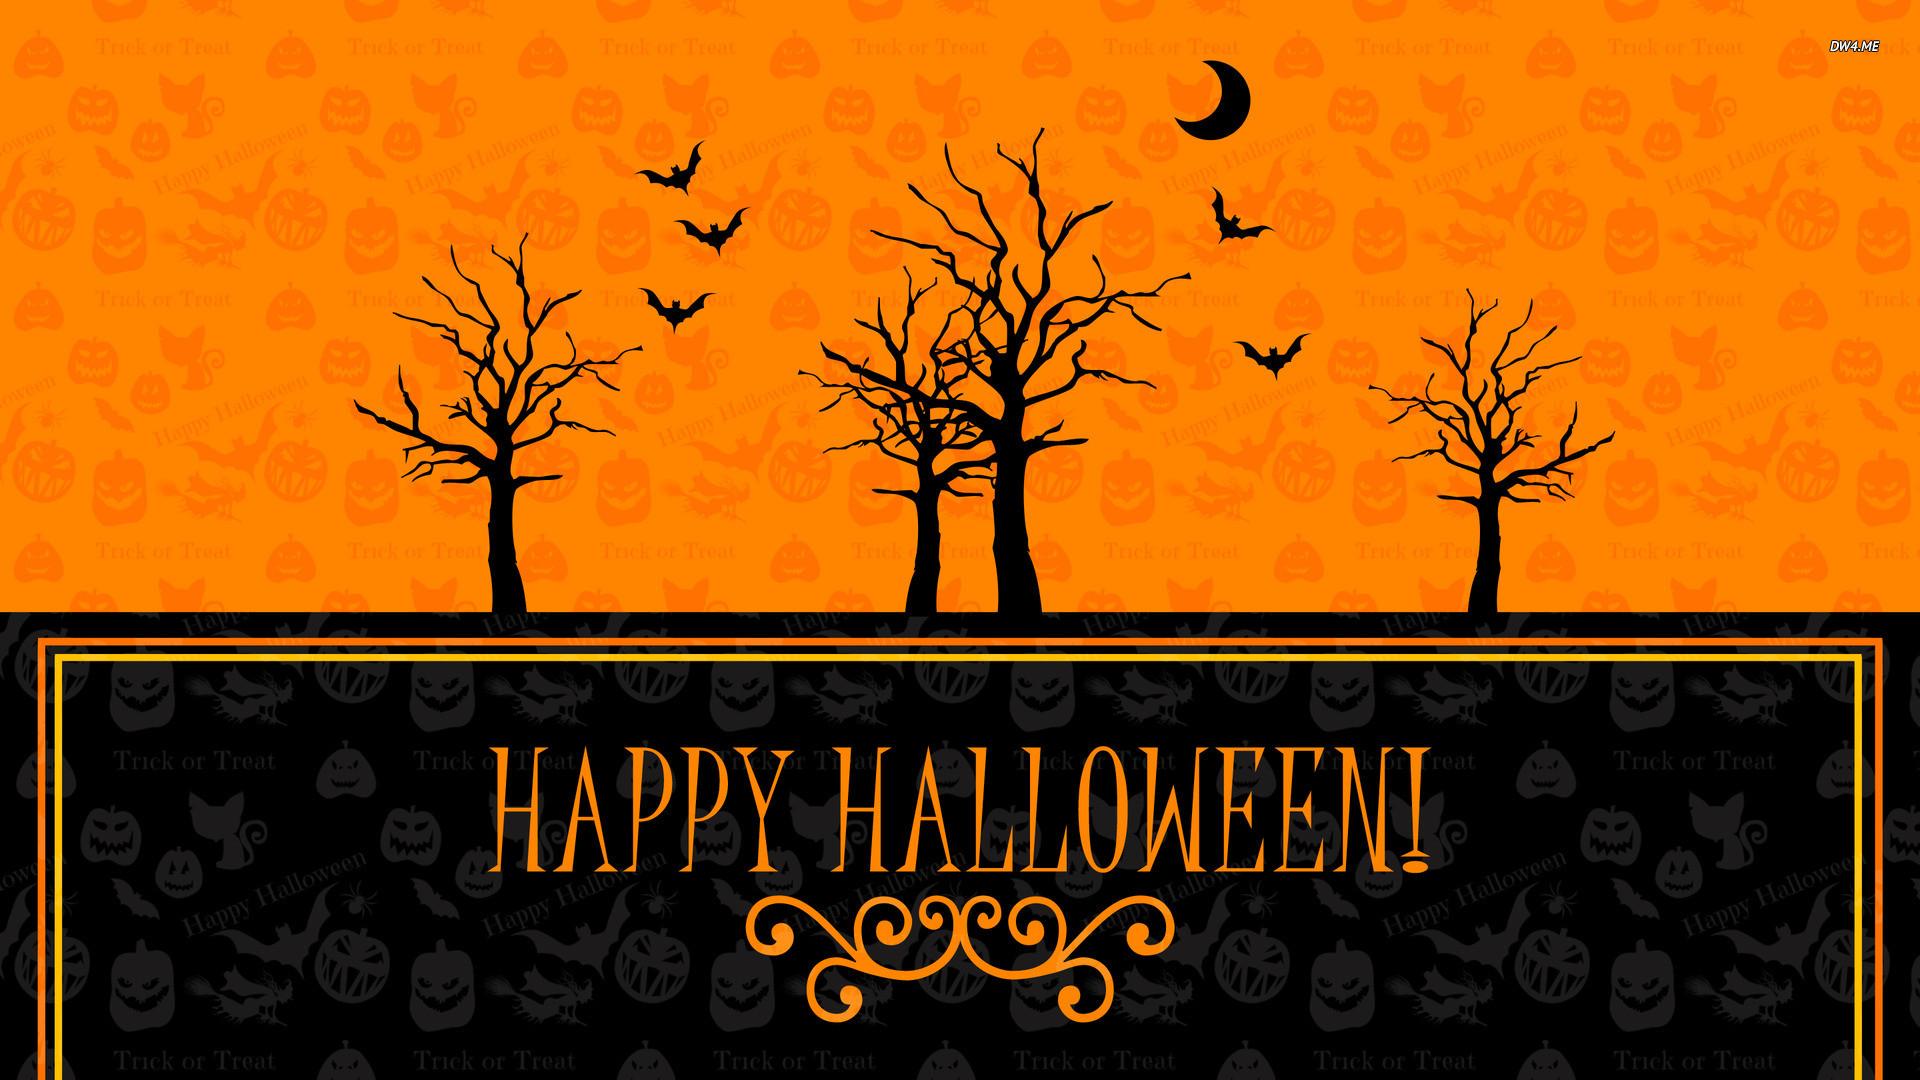 Happy Halloween Wallpaper 79 images 1920x1080